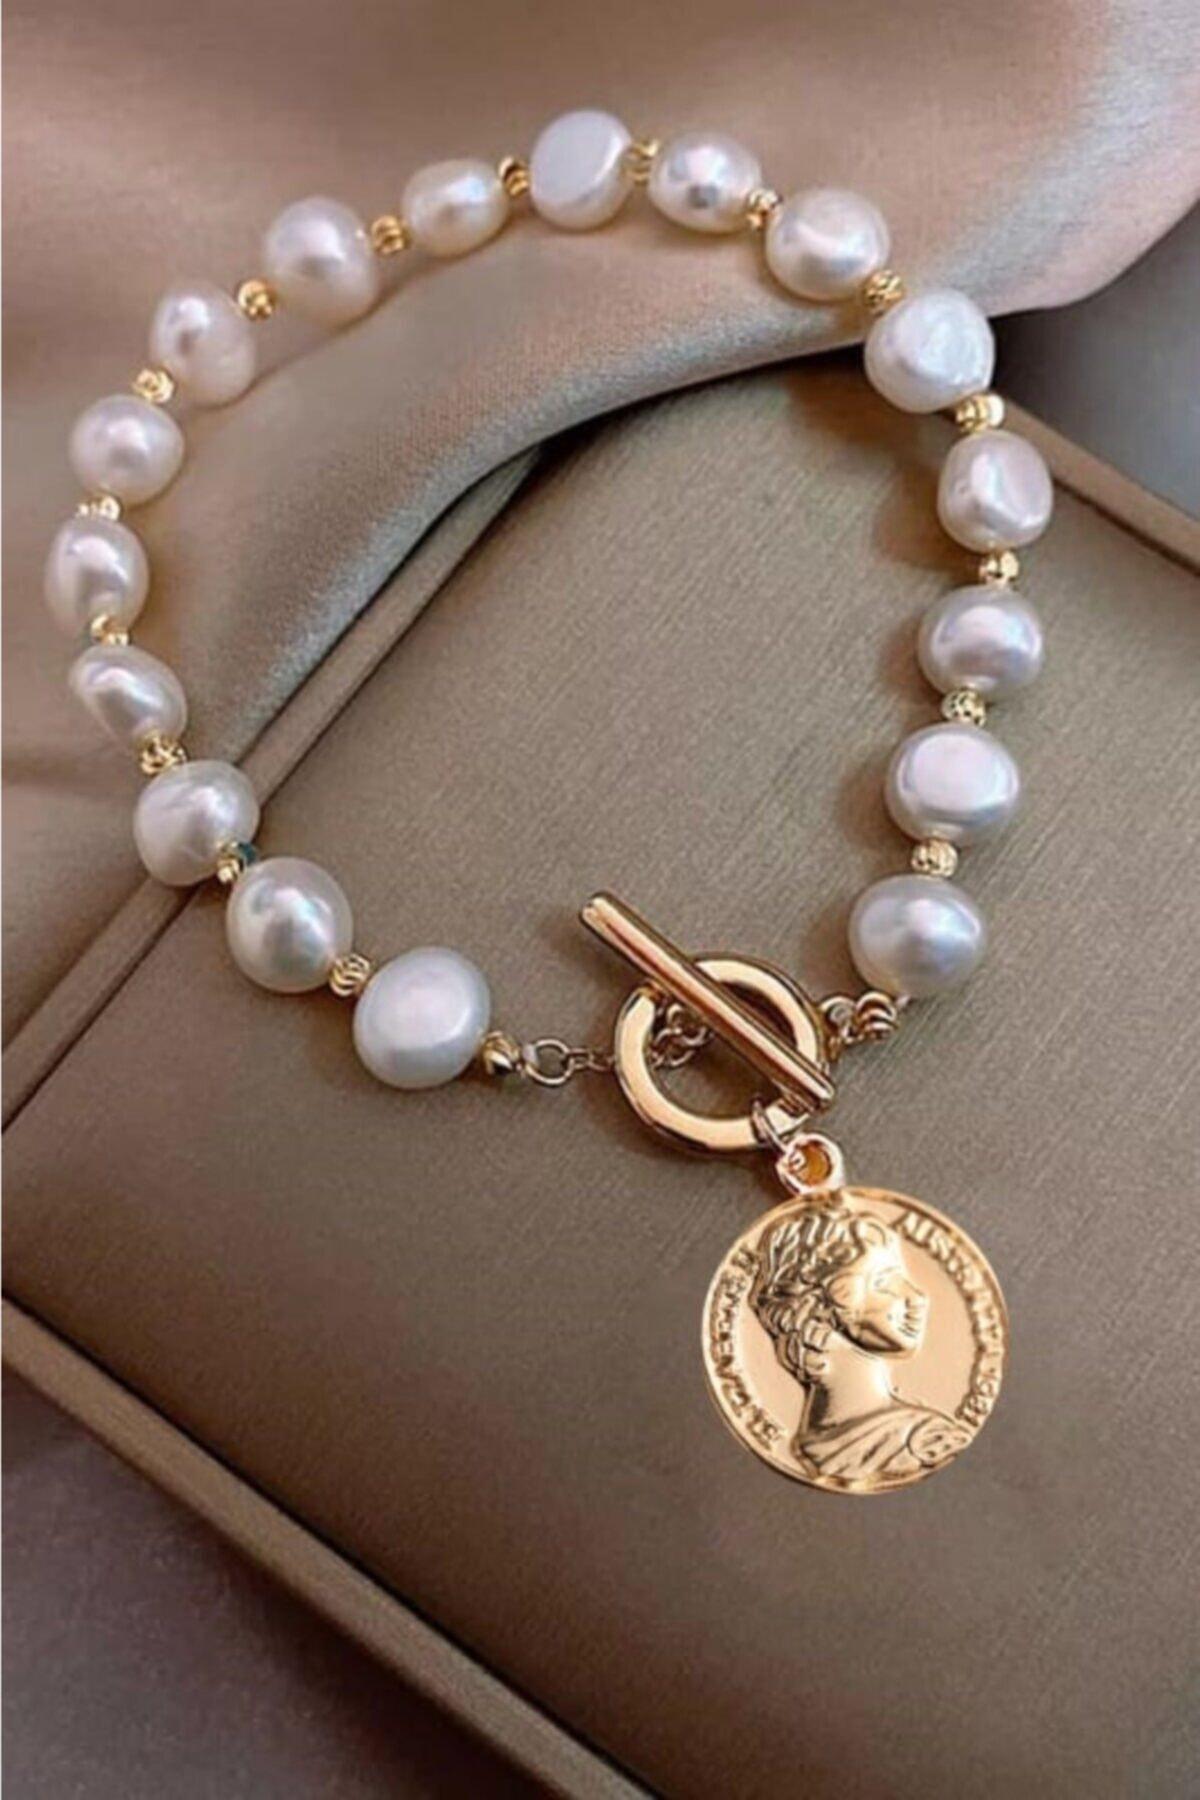 ESUSO Bayan Kadın Inci Detaylı Bayan Gold Kaplama Madalyonlu Bileklik Bilezik 1